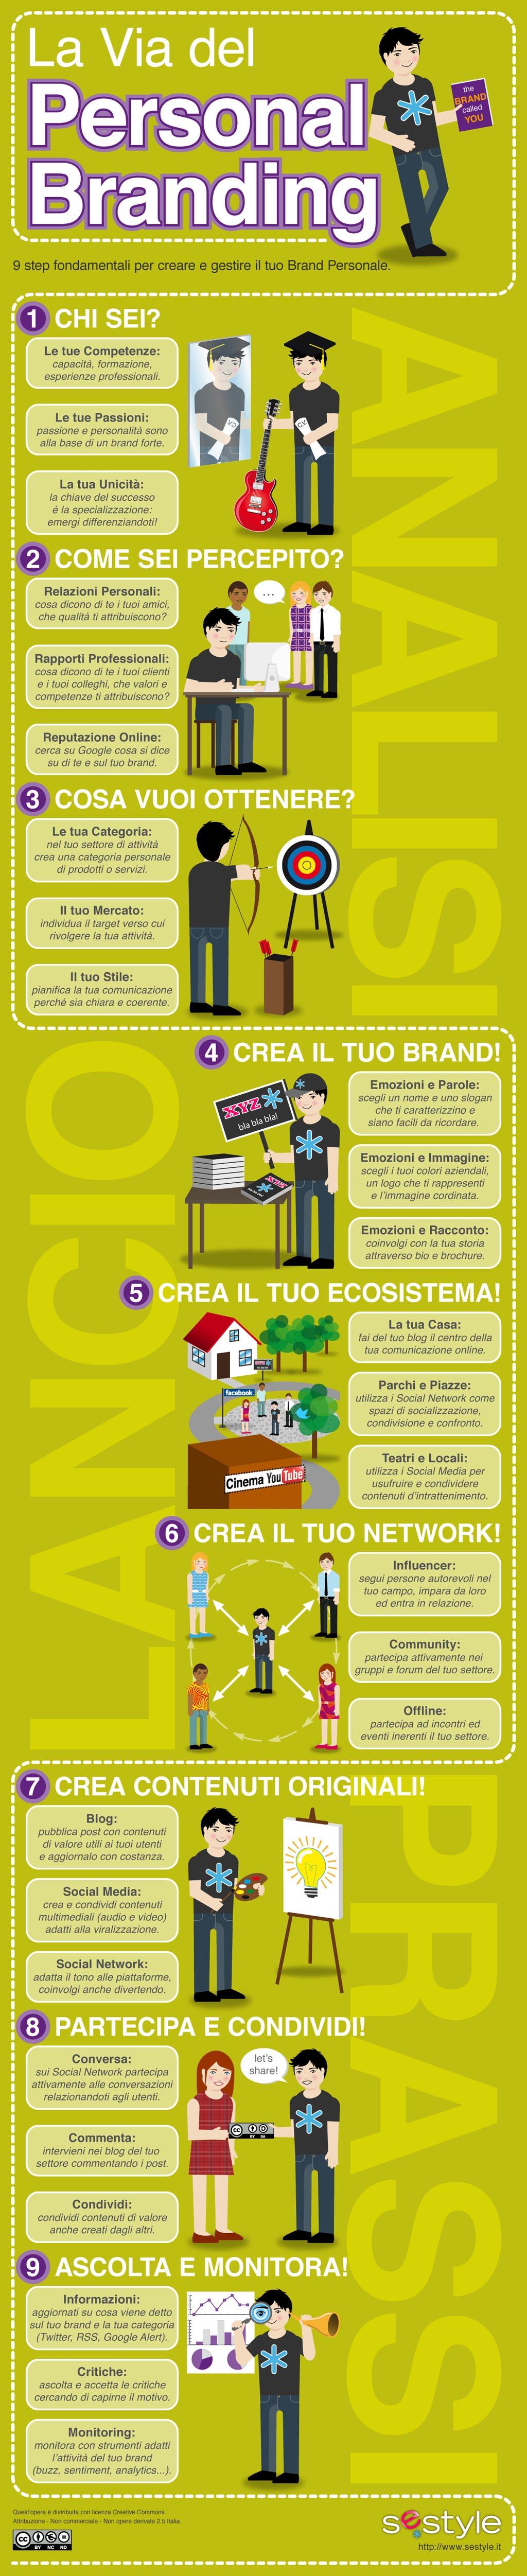 Infografica sui principali step del Personal Branding